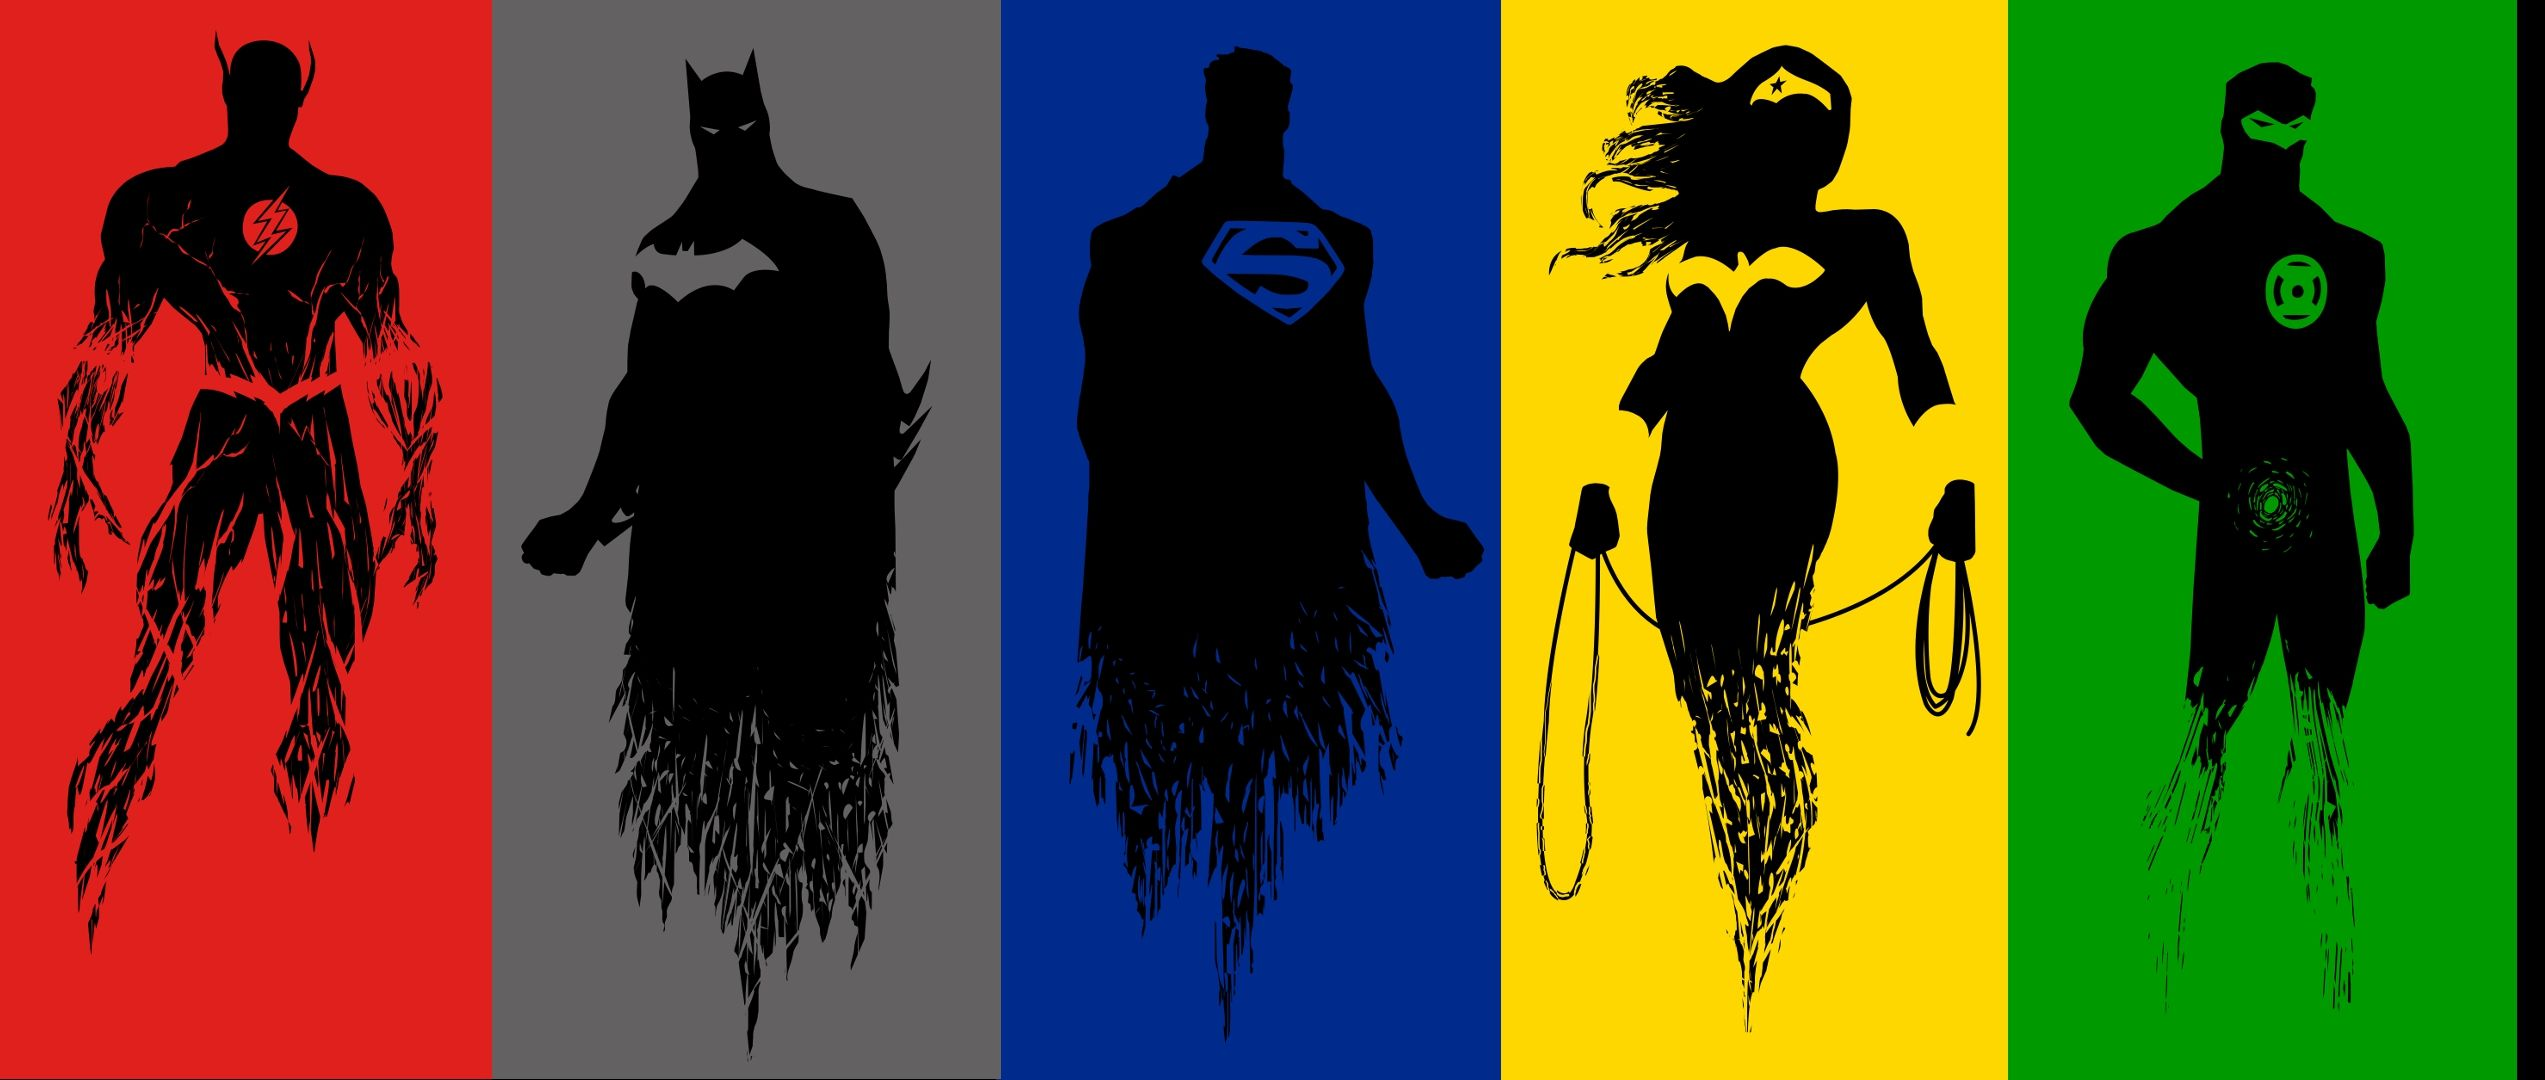 Resultado De Imagen Para Wallpaper Justice League New 52 Super